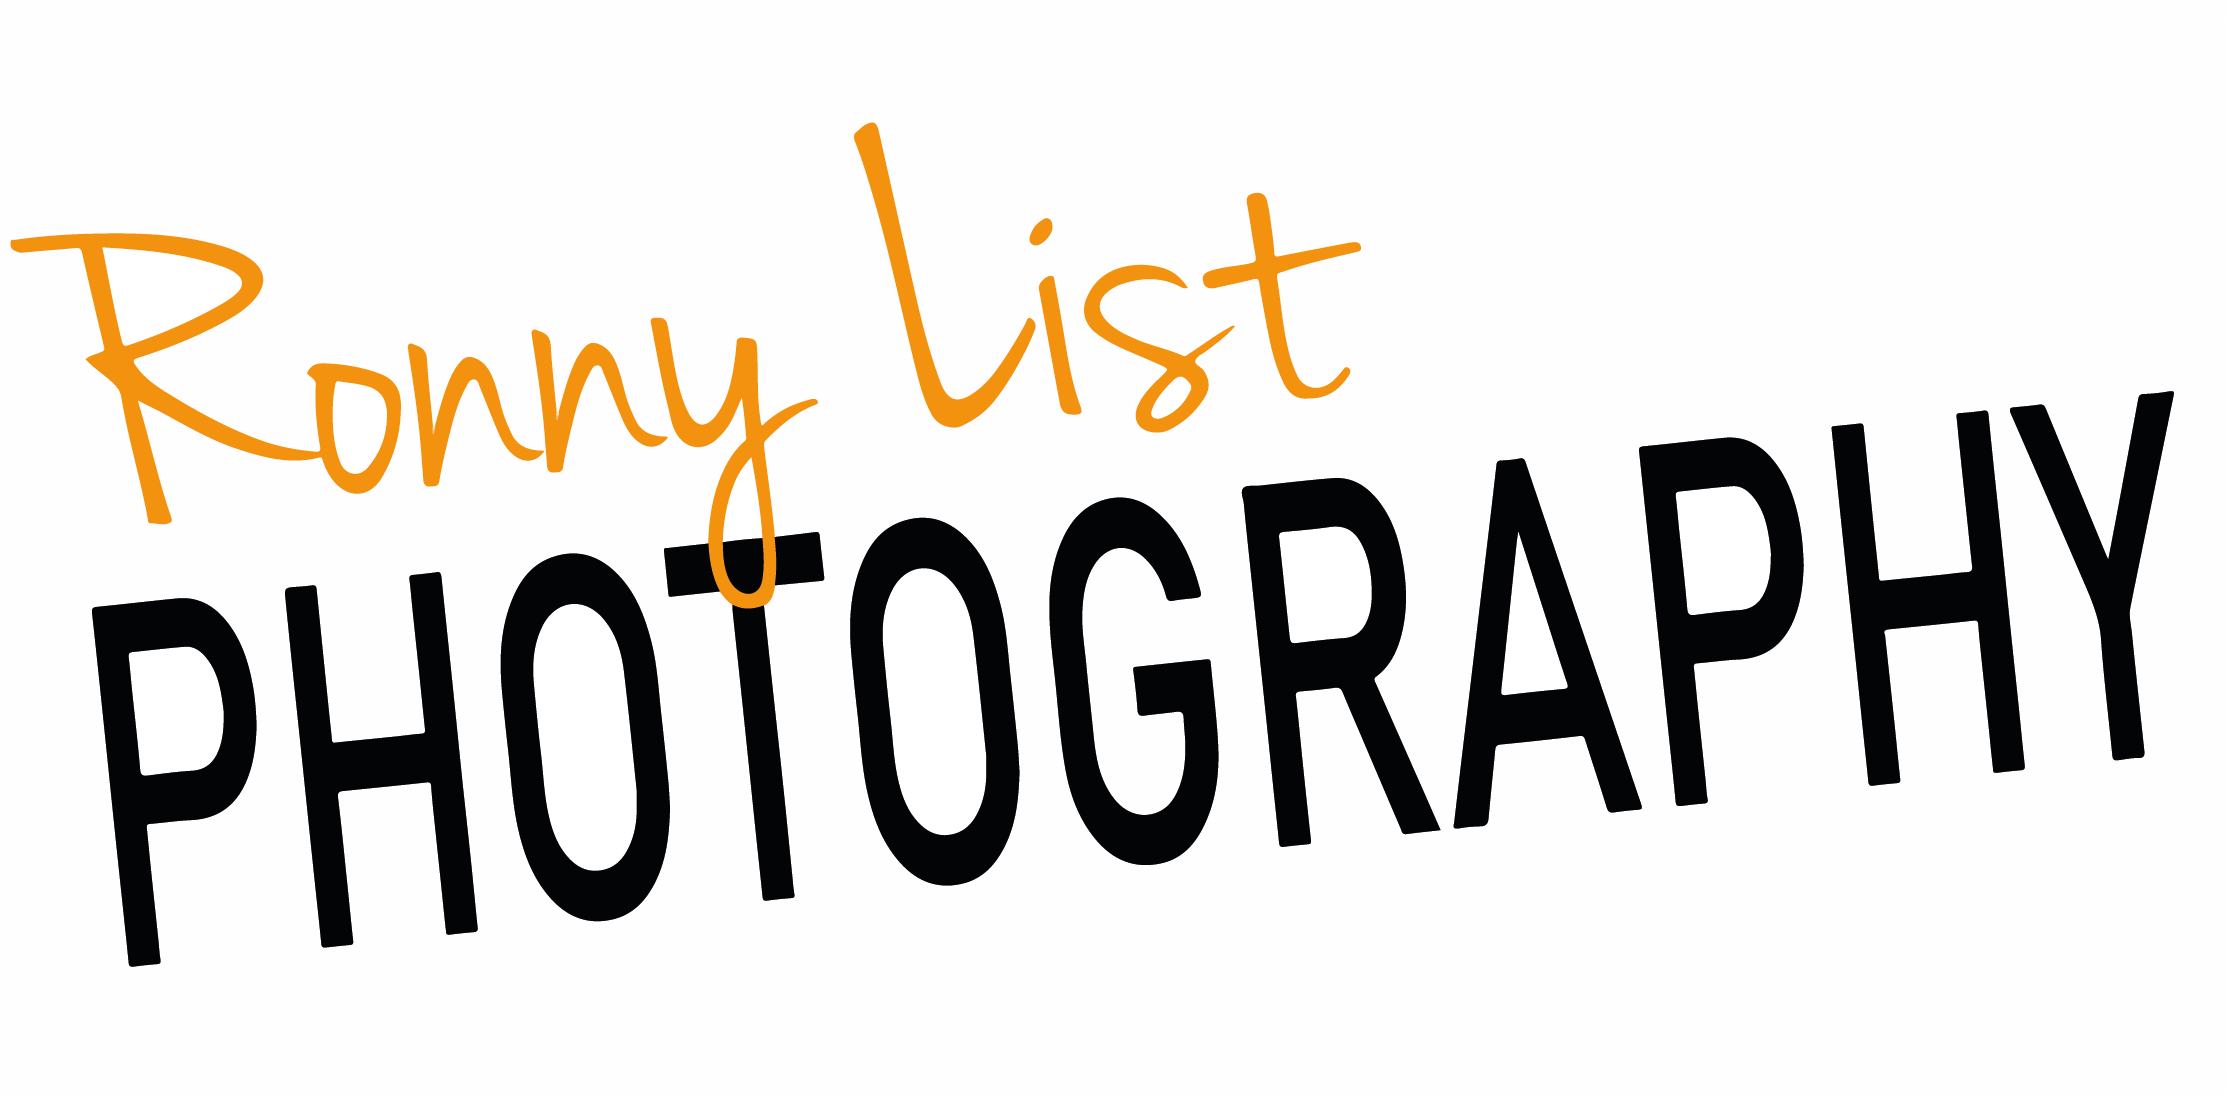 Ronny List Photography